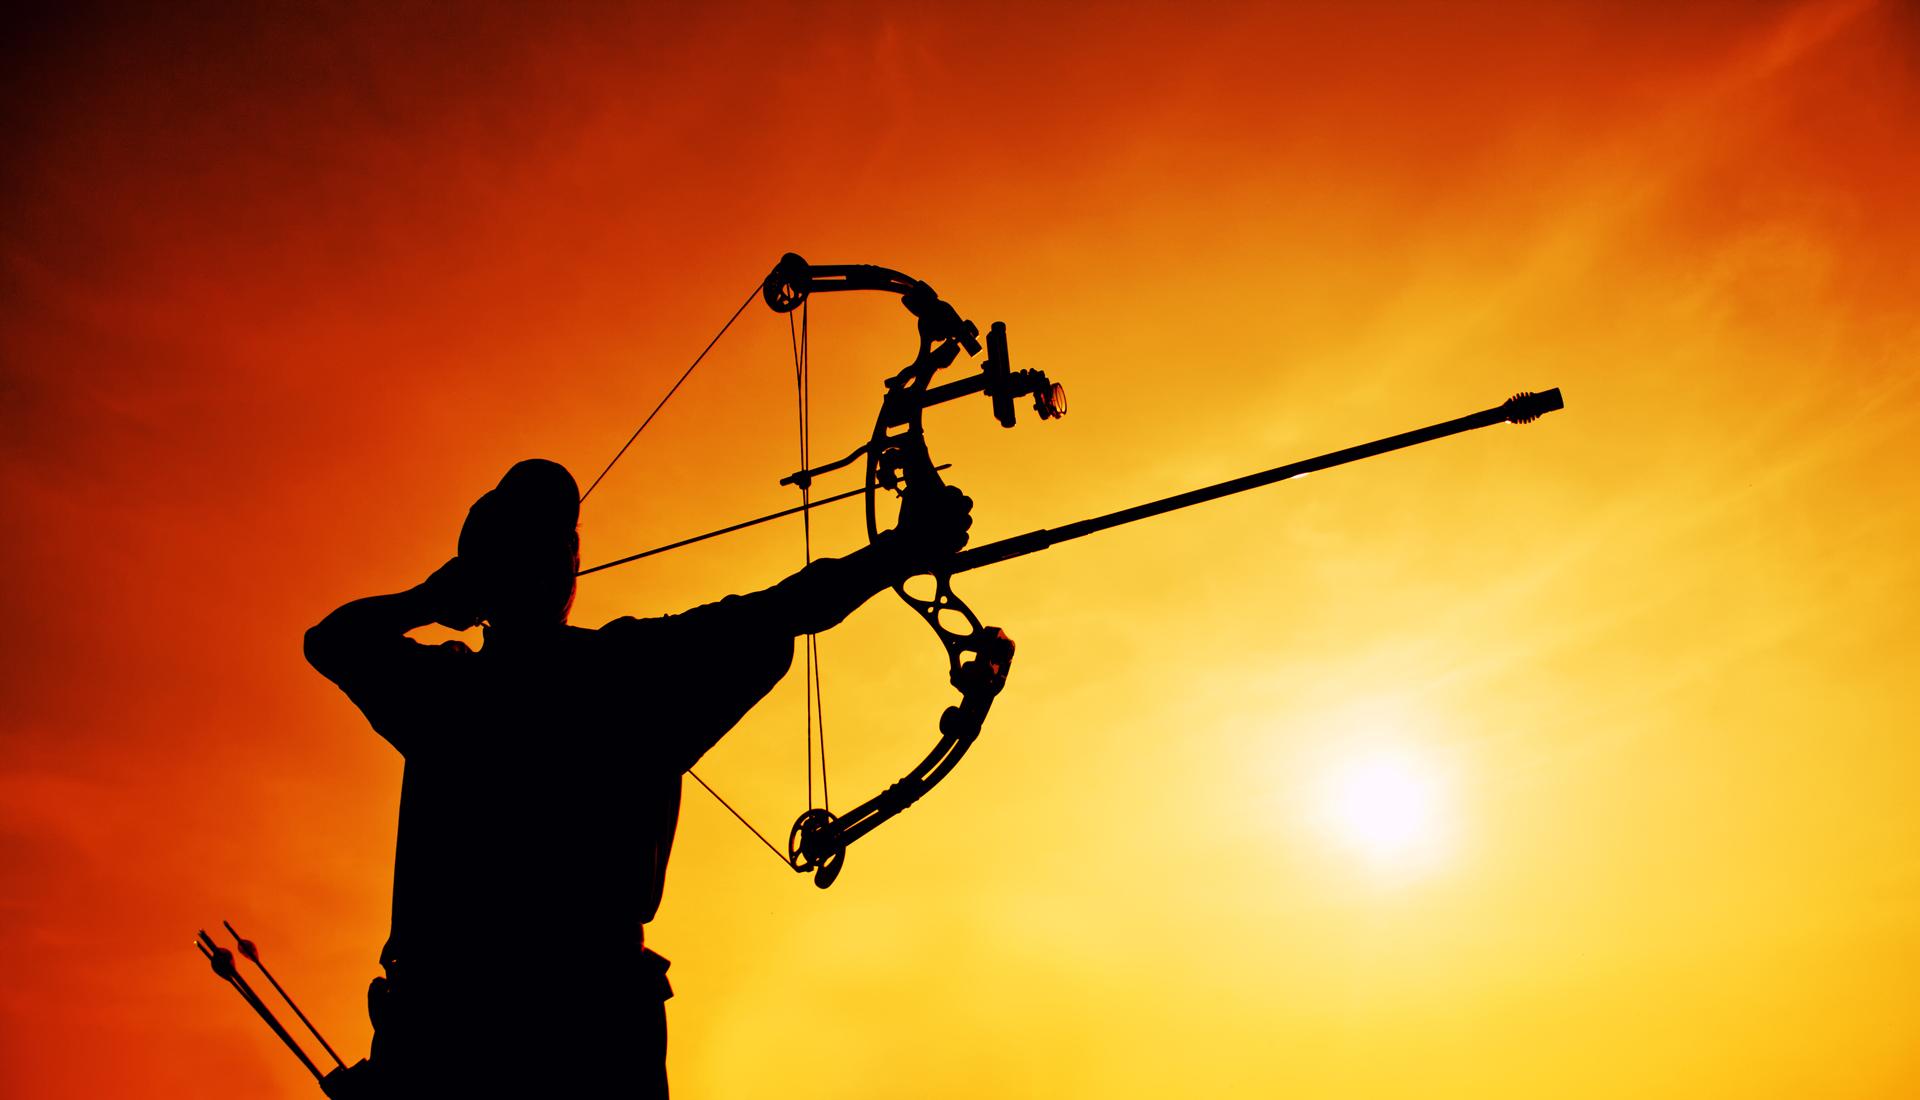 Archer-Silhouette